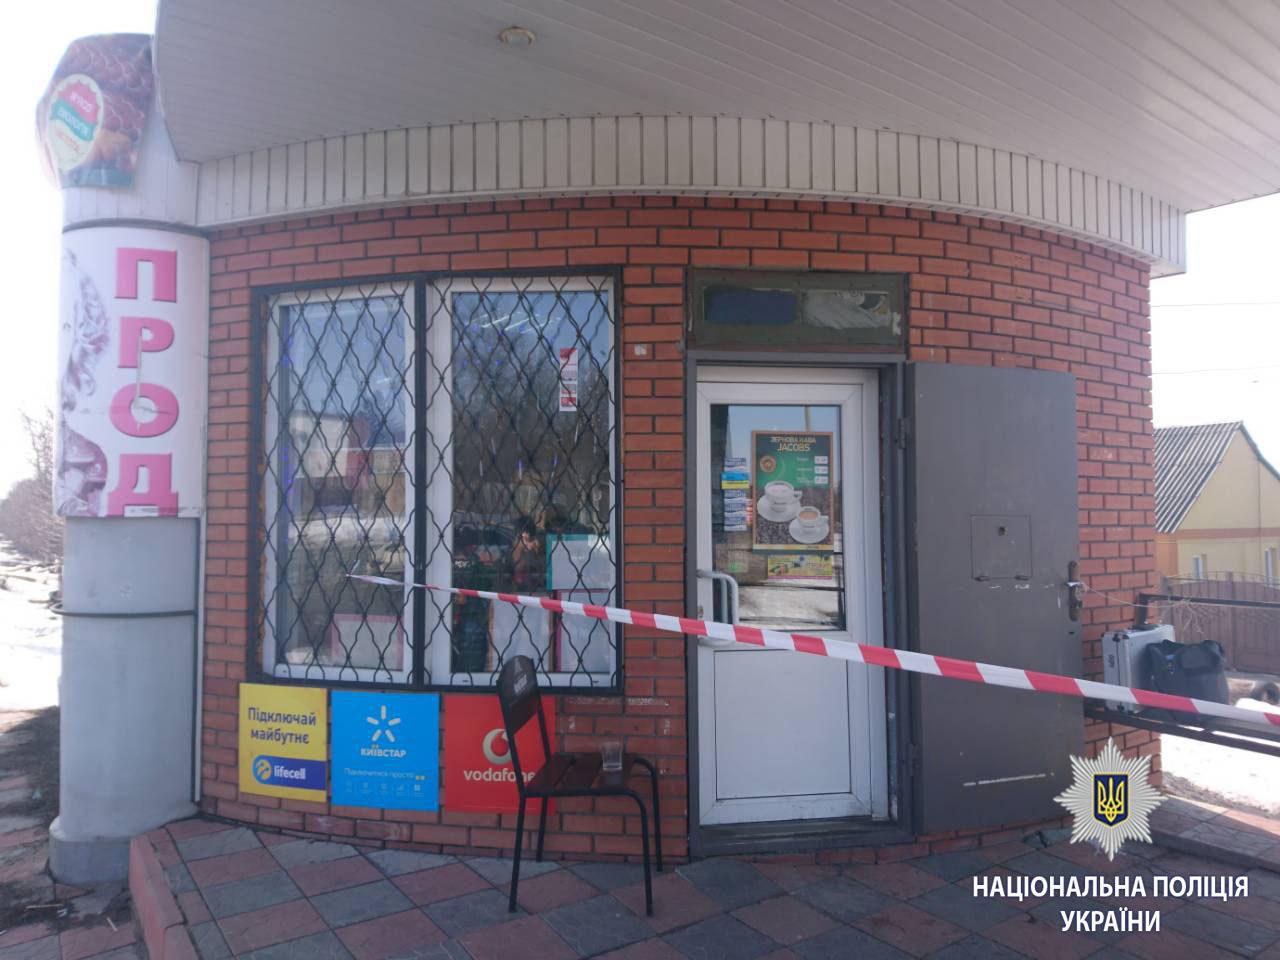 ЧП в магазине под Харьковом. Продавец погибла на глазах покупателей (фото)